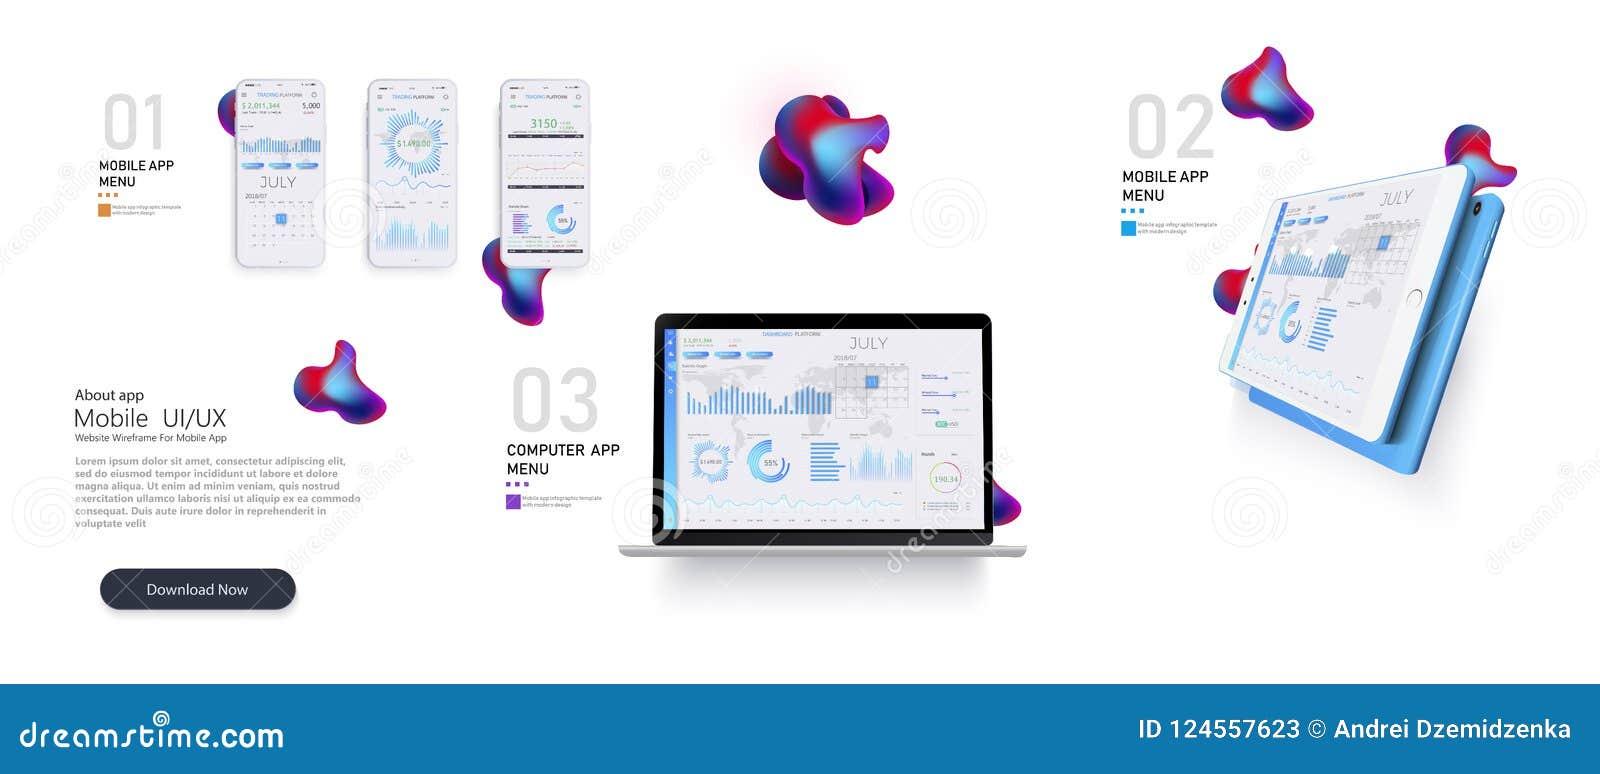 被关闭的所有背景编辑eps8例证查出的对象零件可能性站点模板对透明度向量万维网白色 外汇市场 二进制选择 网上统计和数据逻辑分析方法 数字式金融市场,新闻